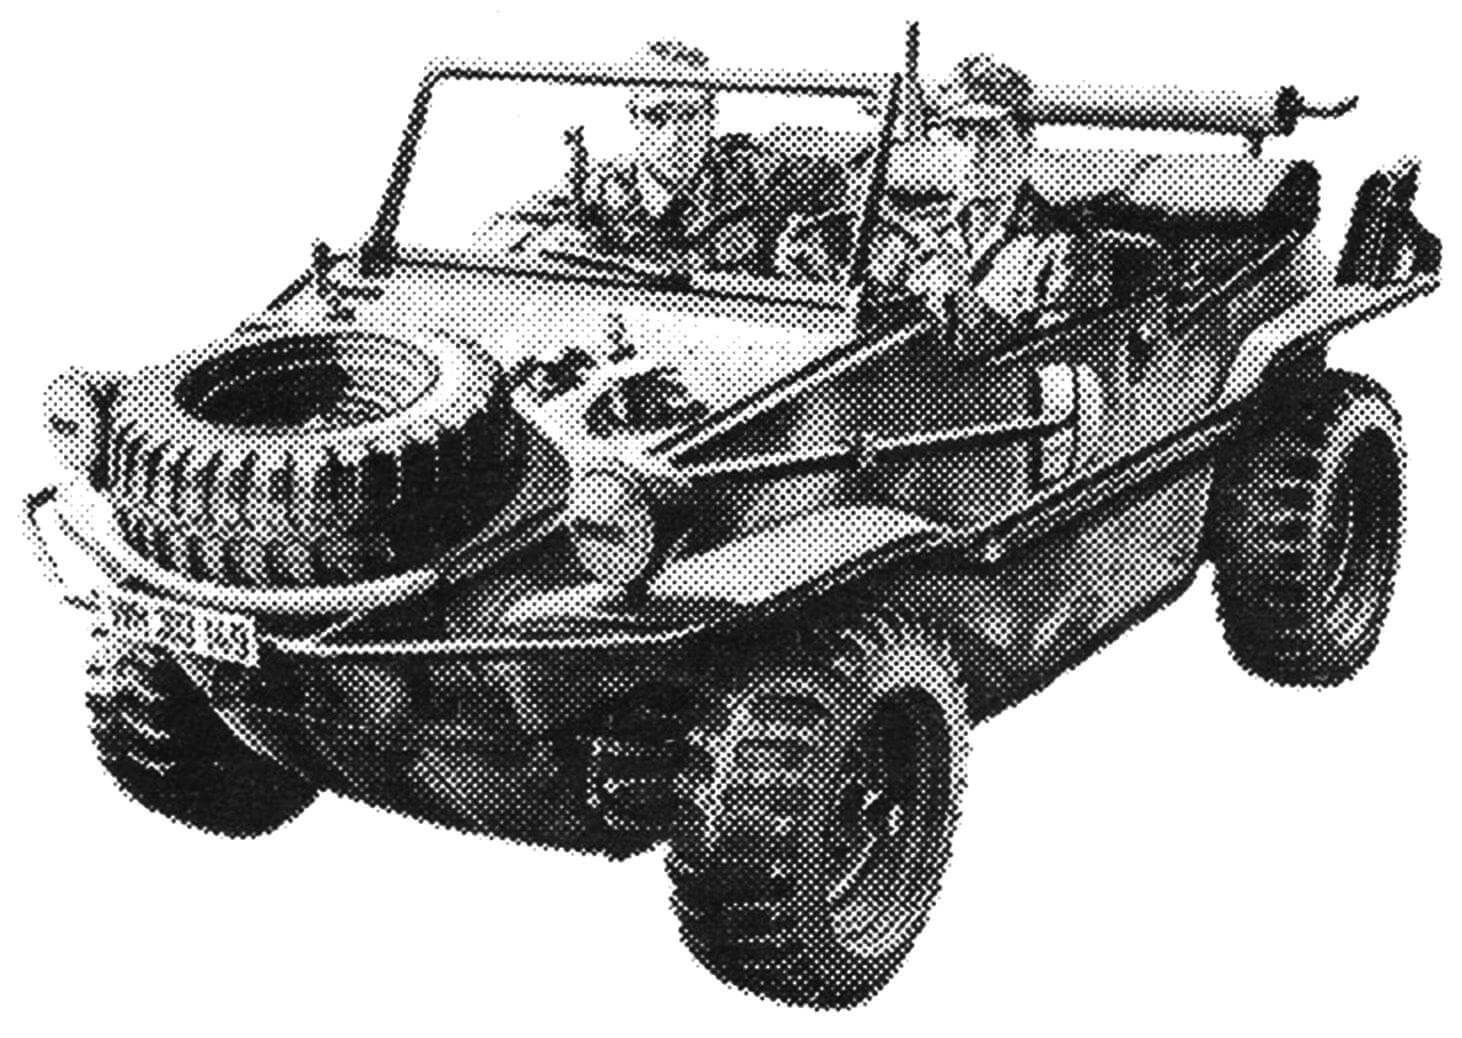 ПЛАВАЮЩАЯ МАЛЮТКА ФЕРДИНАНДА ПОРШЕ. Разведывательный автомобиль-амфибия вермахта VW-166 Schwimmwagen